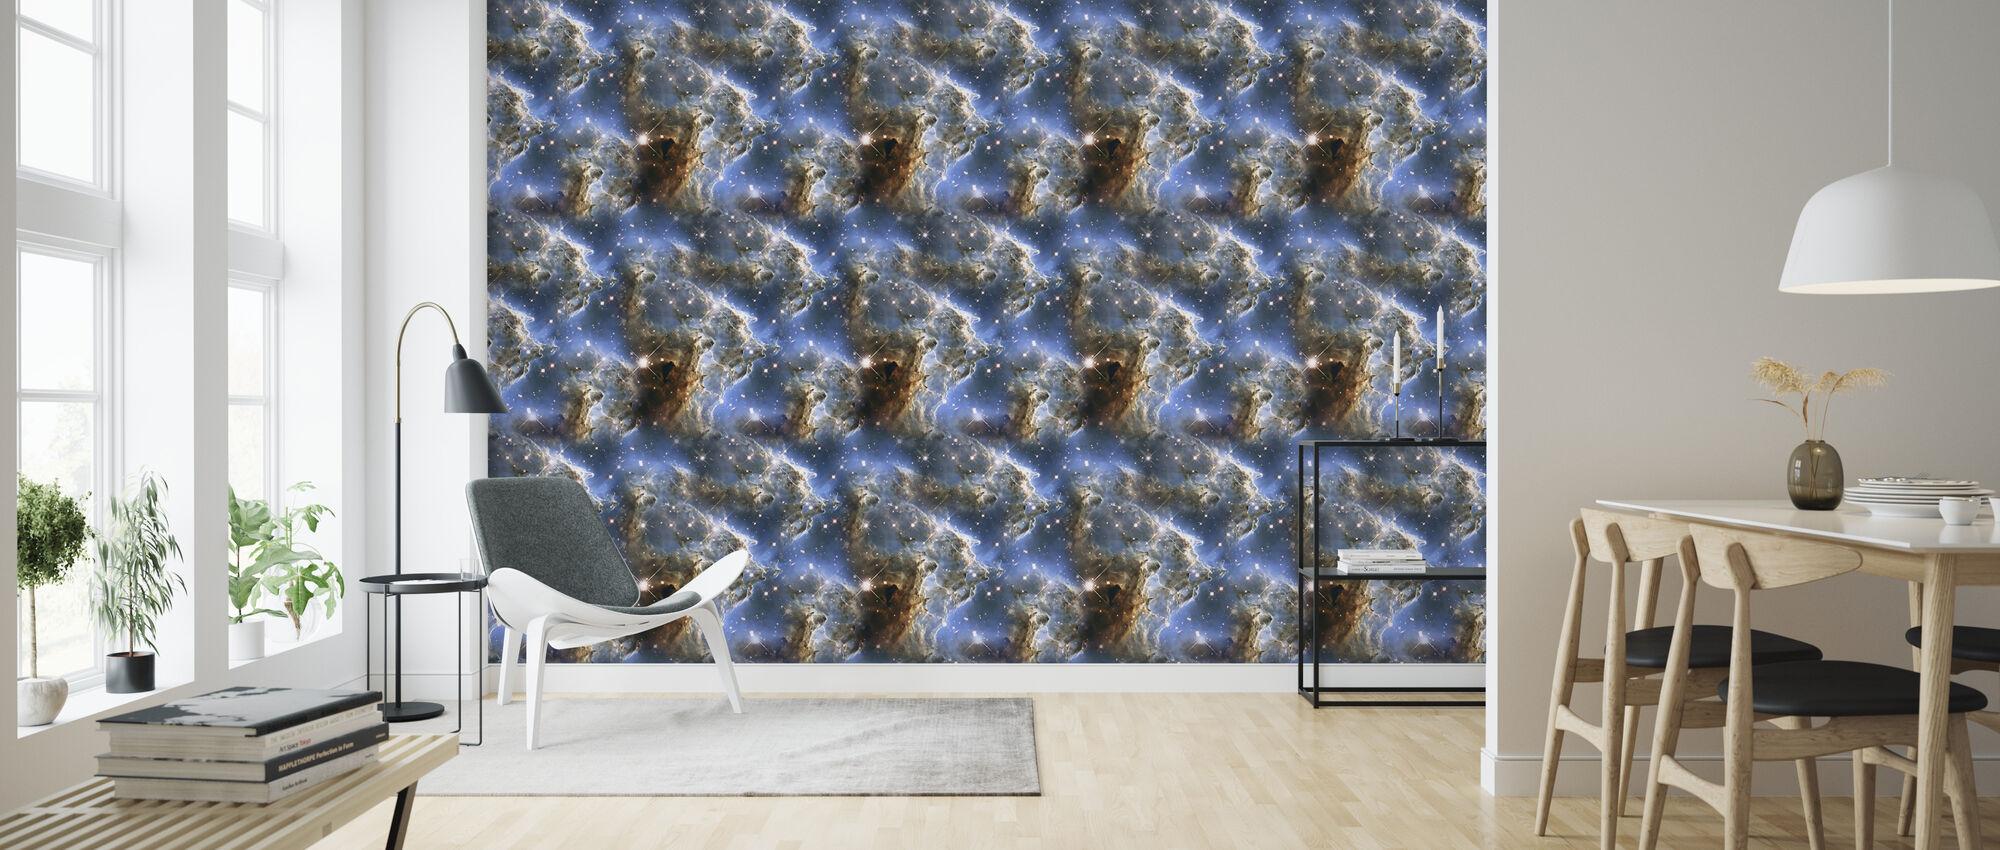 Galaxy Sky - Wallpaper - Living Room